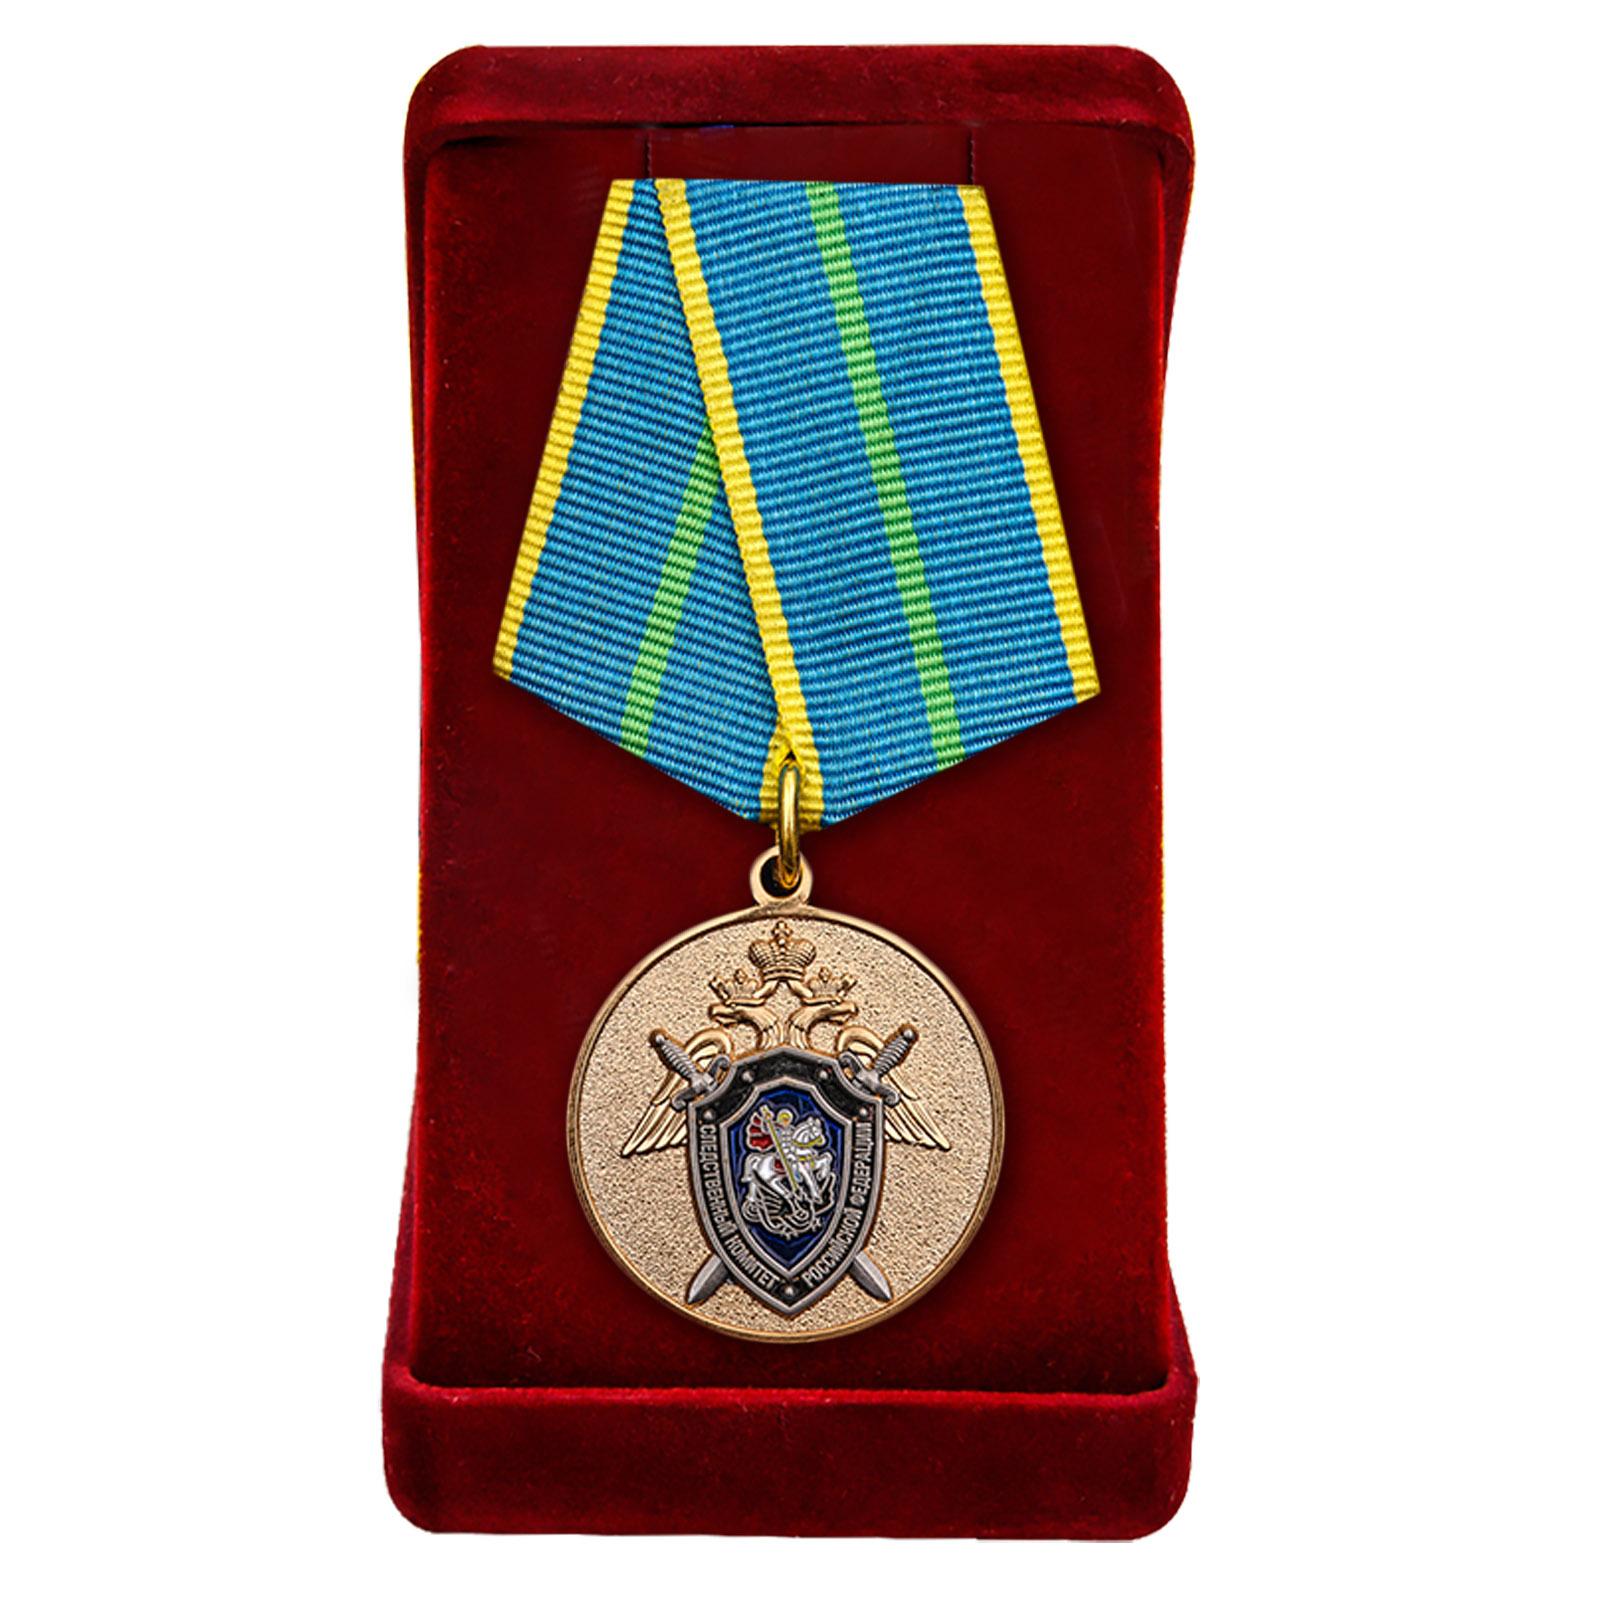 Купить медаль СК России За безупречную службу 1 степени в подарок мужчине